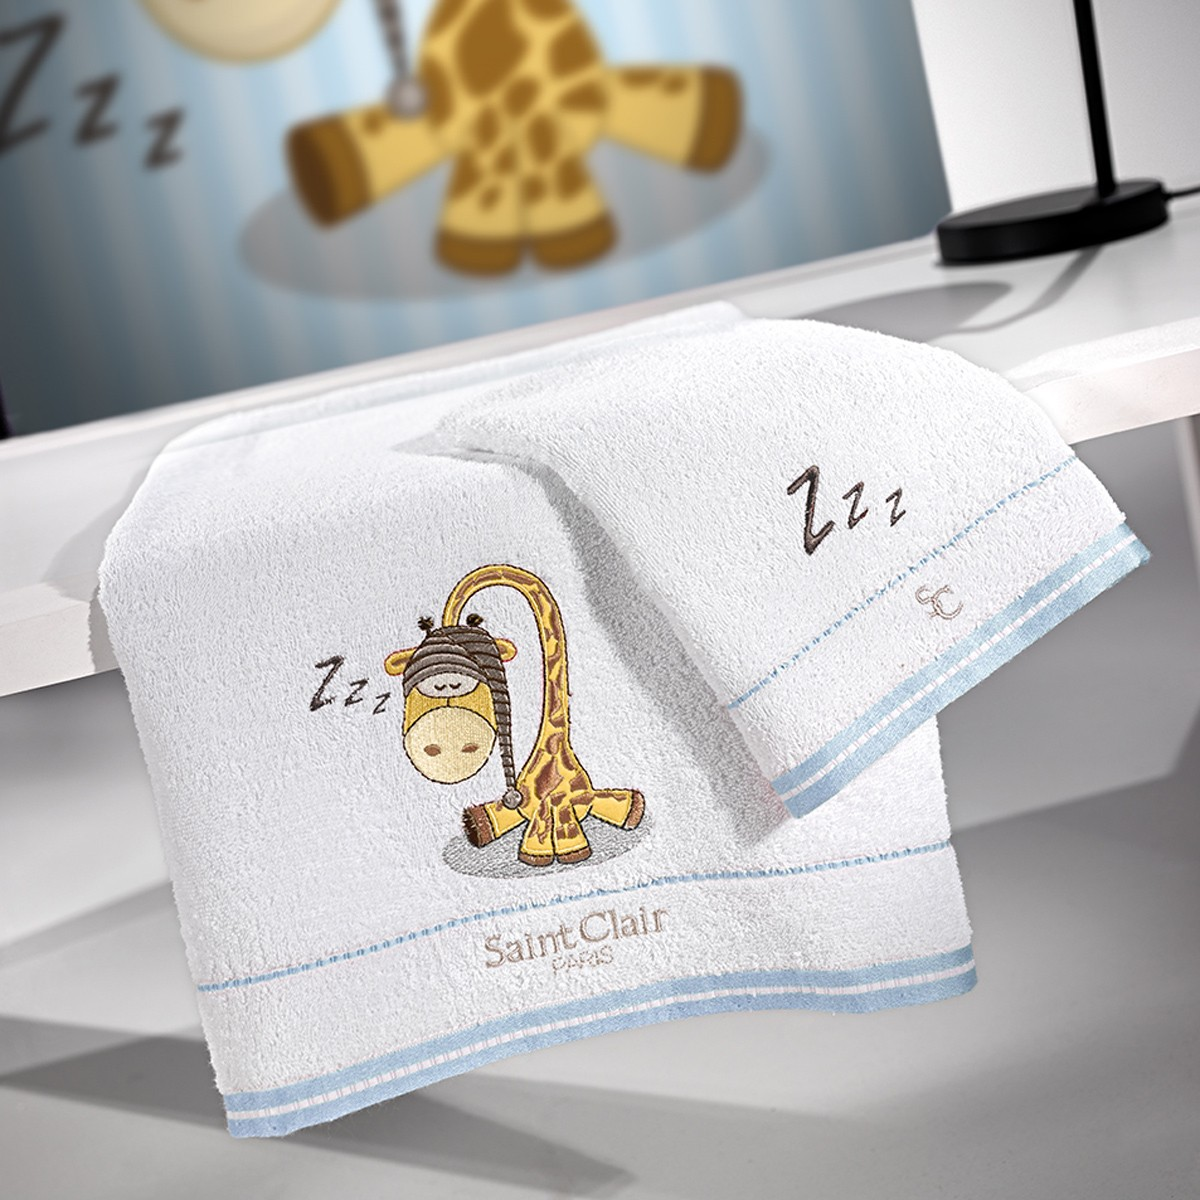 Παιδικές Πετσέτες (Σετ 2τμχ) Saint Clair Sleepy Blue 60069